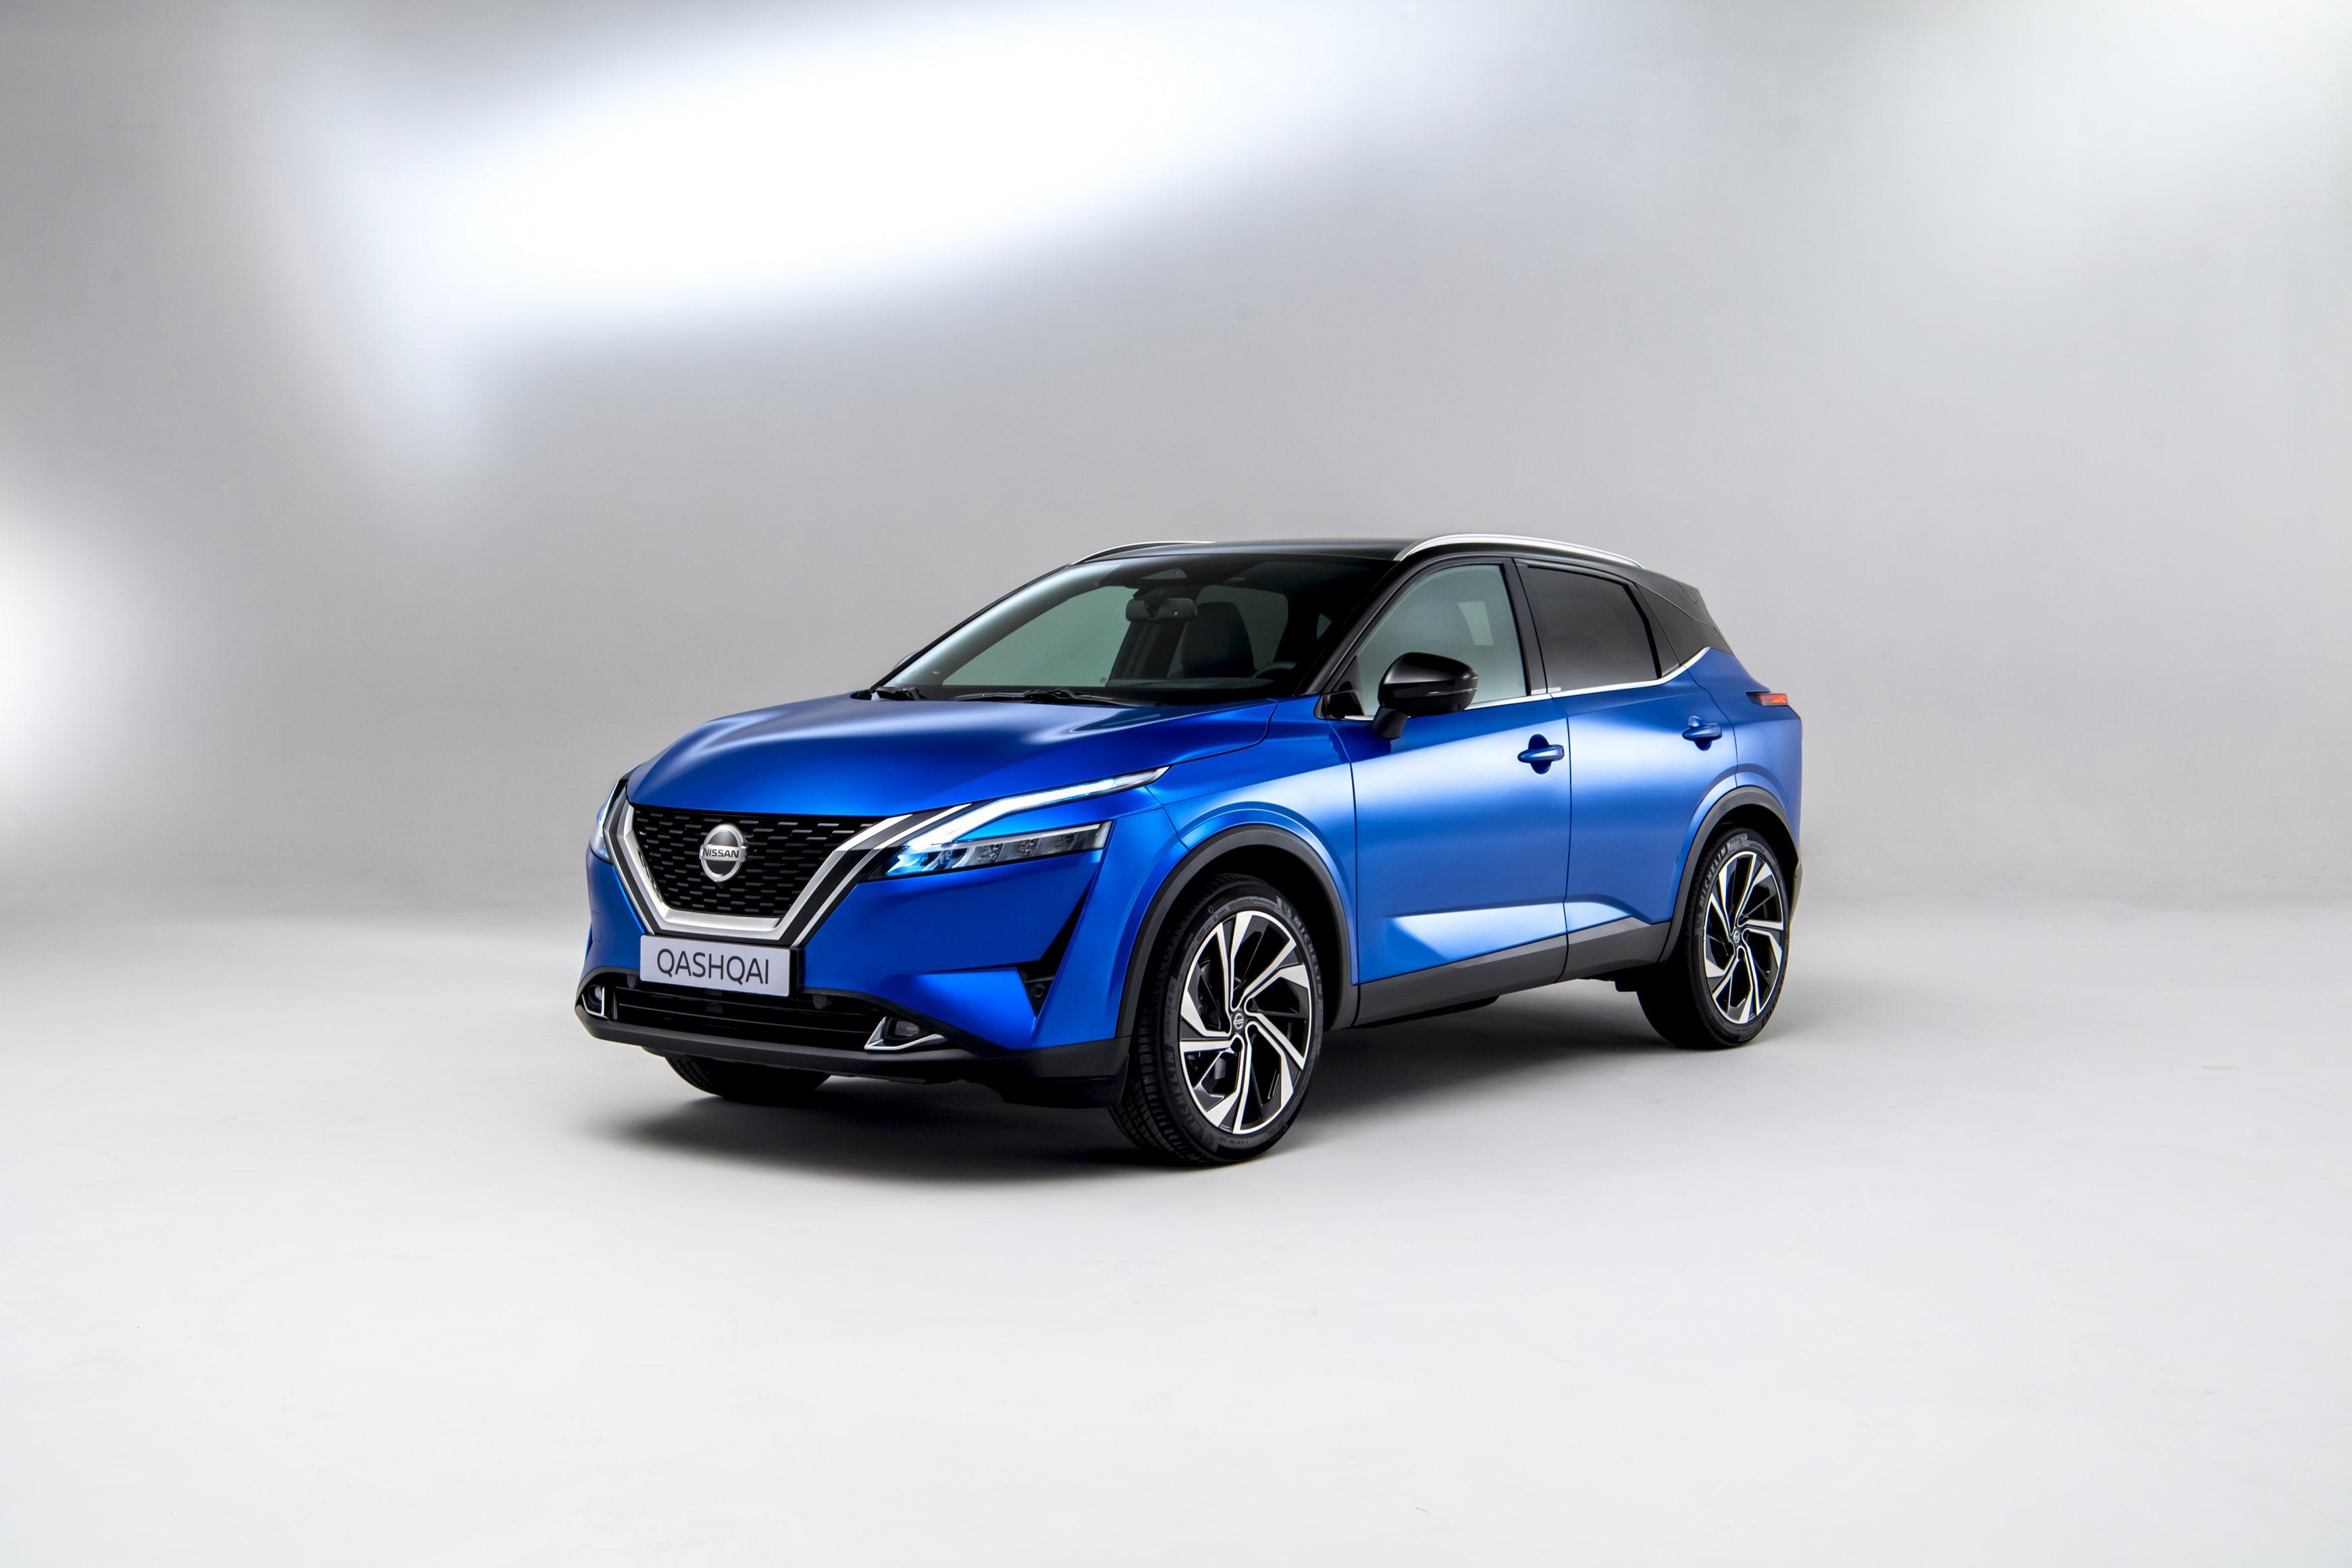 2021 Nissan Qashqai in blue